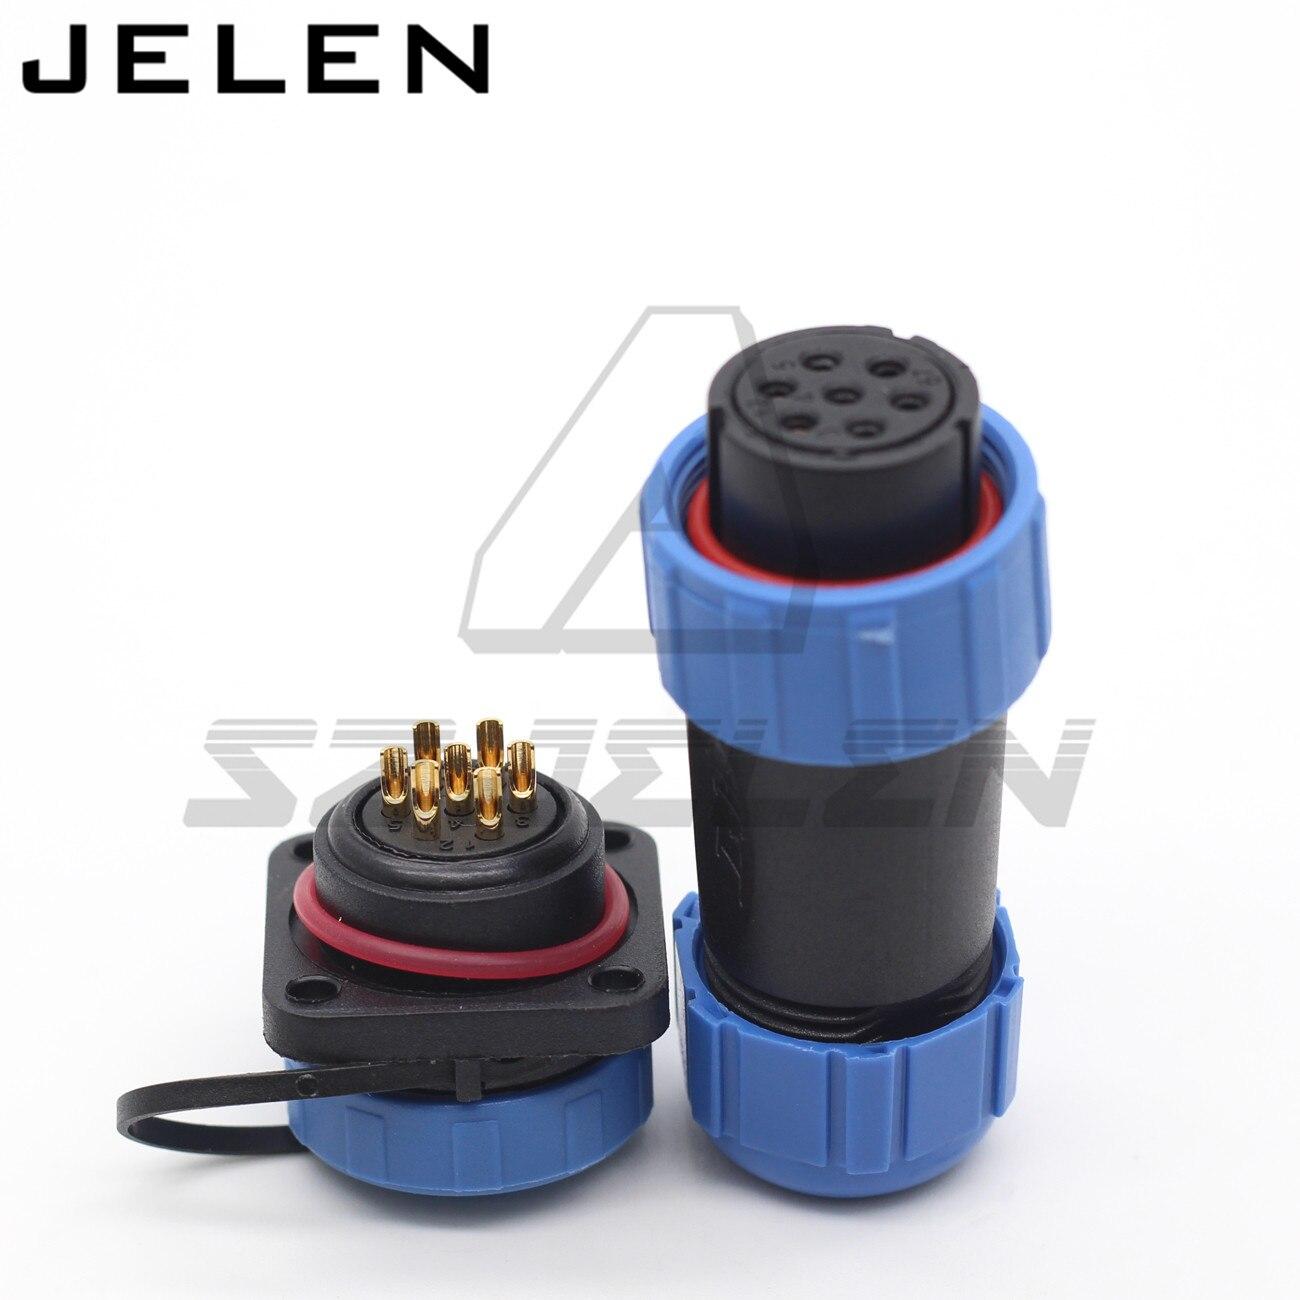 SP21 IP68 conector a prueba de agua enchufe hembra y enchufe macho 7 pin panel montaje cable conector